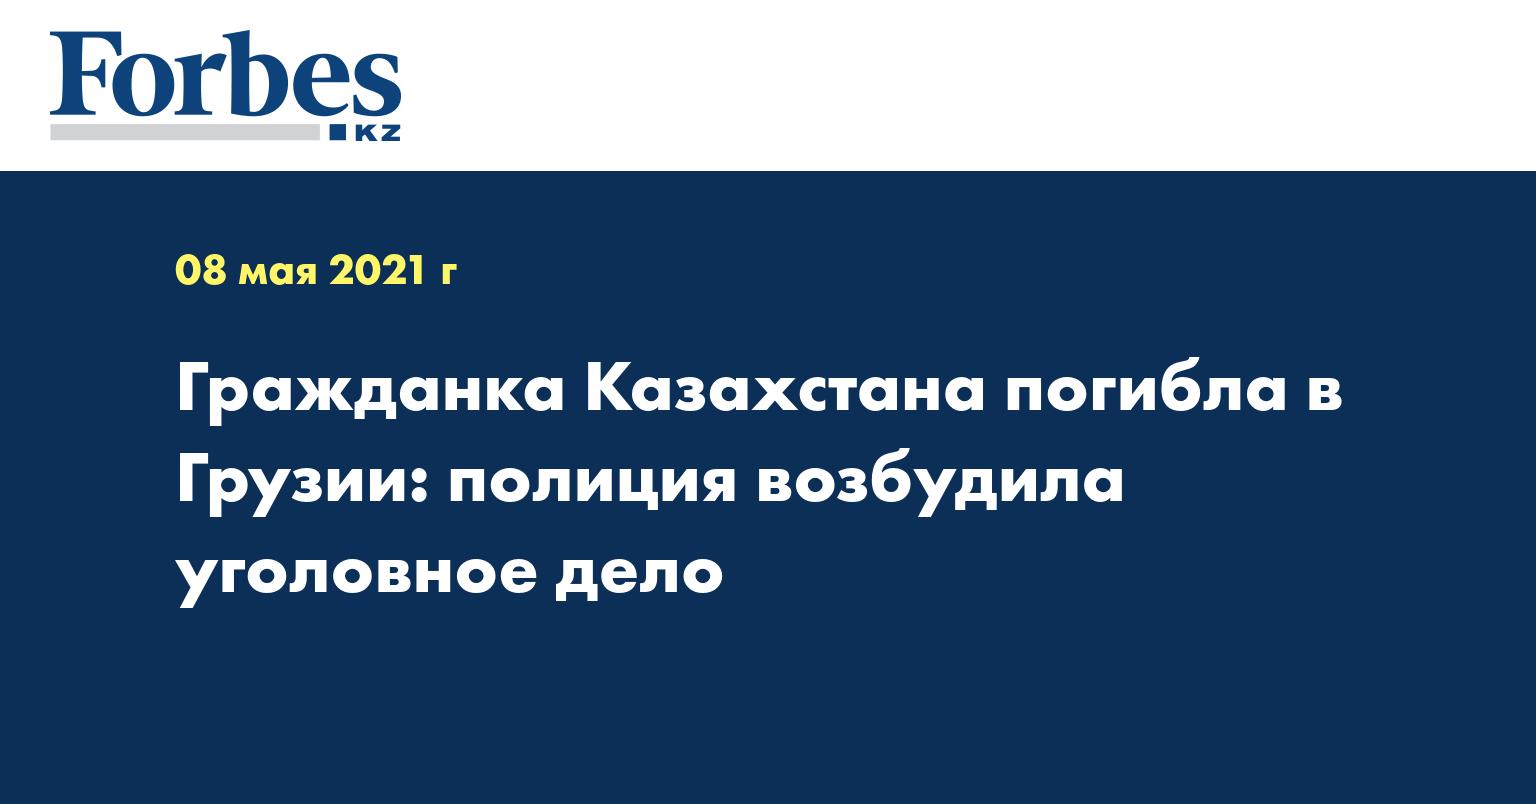 Гражданка Казахстана погибла в Грузии: полиция возбудила уголовное дело